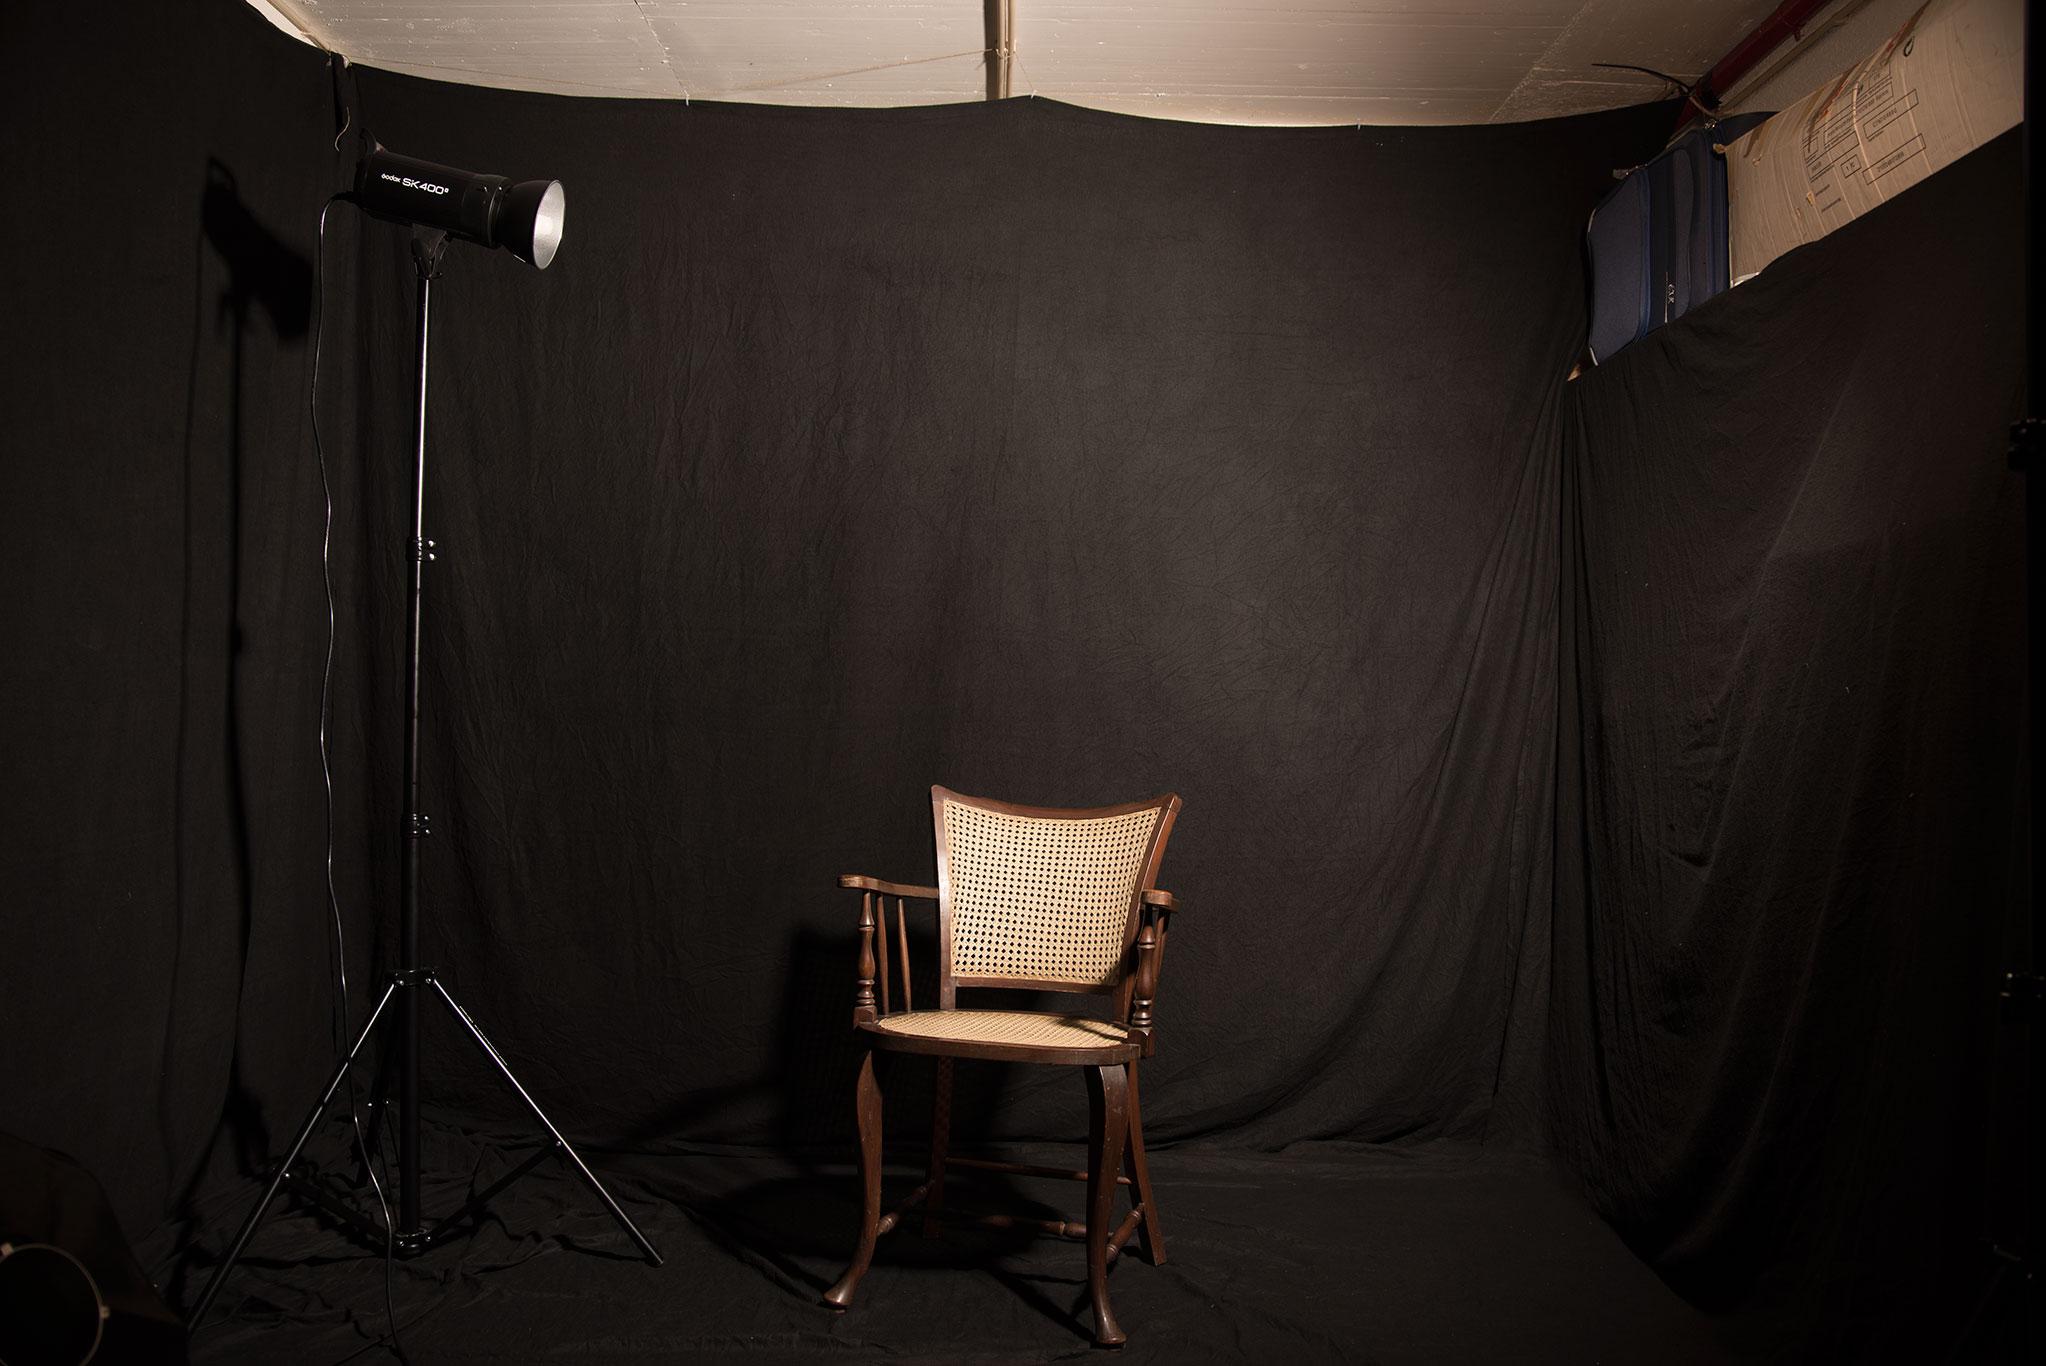 arlindo-pinto-fotografia-cadeira-luz